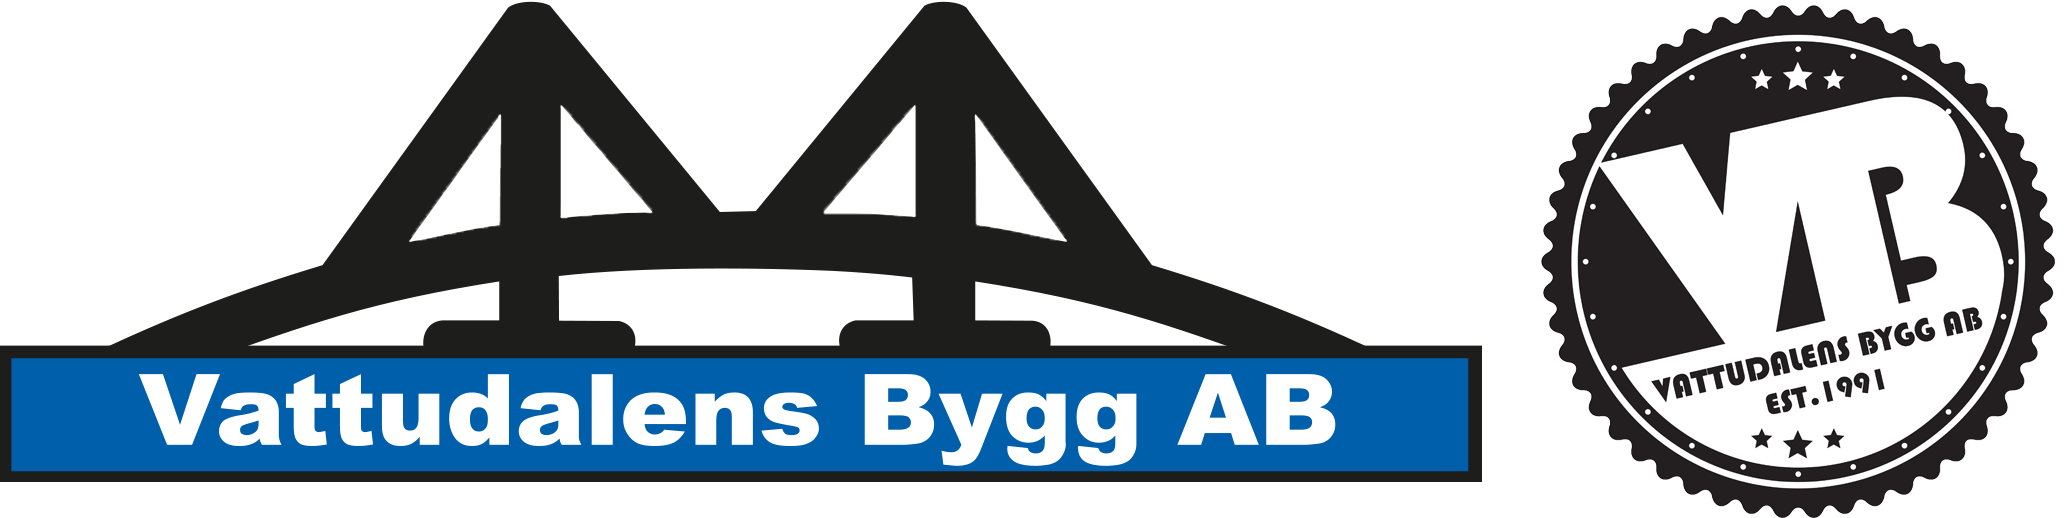 Vattudalens Bygg AB